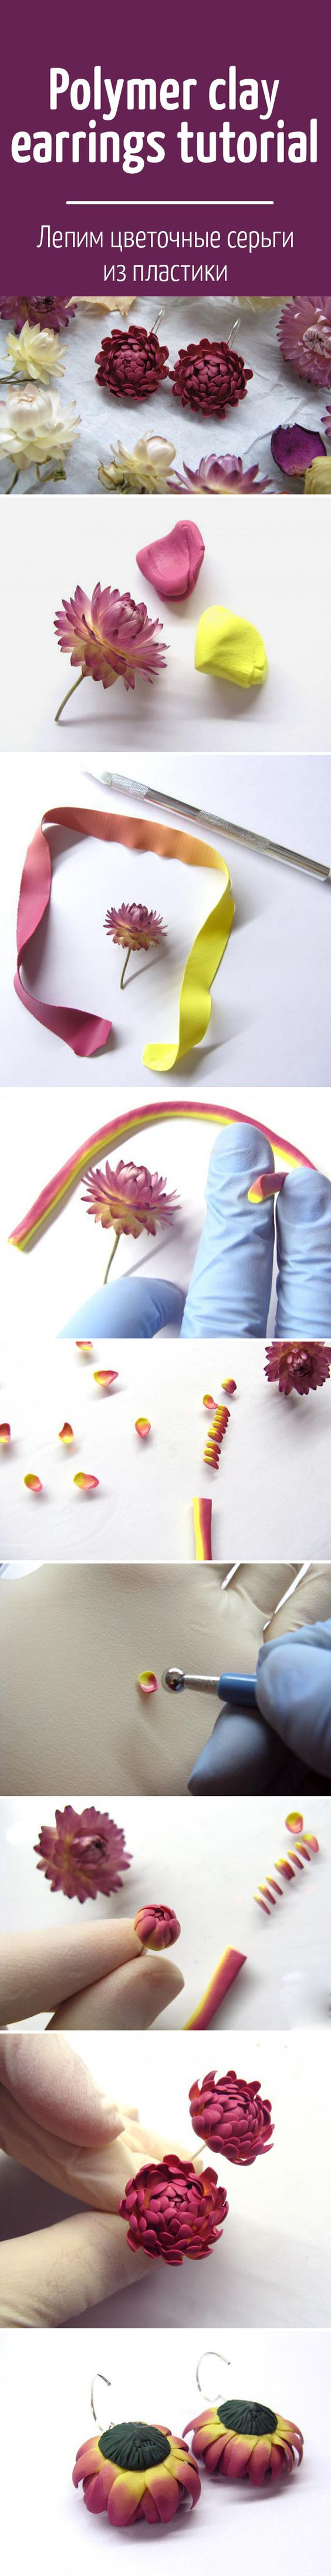 Создаем серьги с бессмертником: лепим цветочное украшение из полимерной глины / Polymer clay earrings tutorial